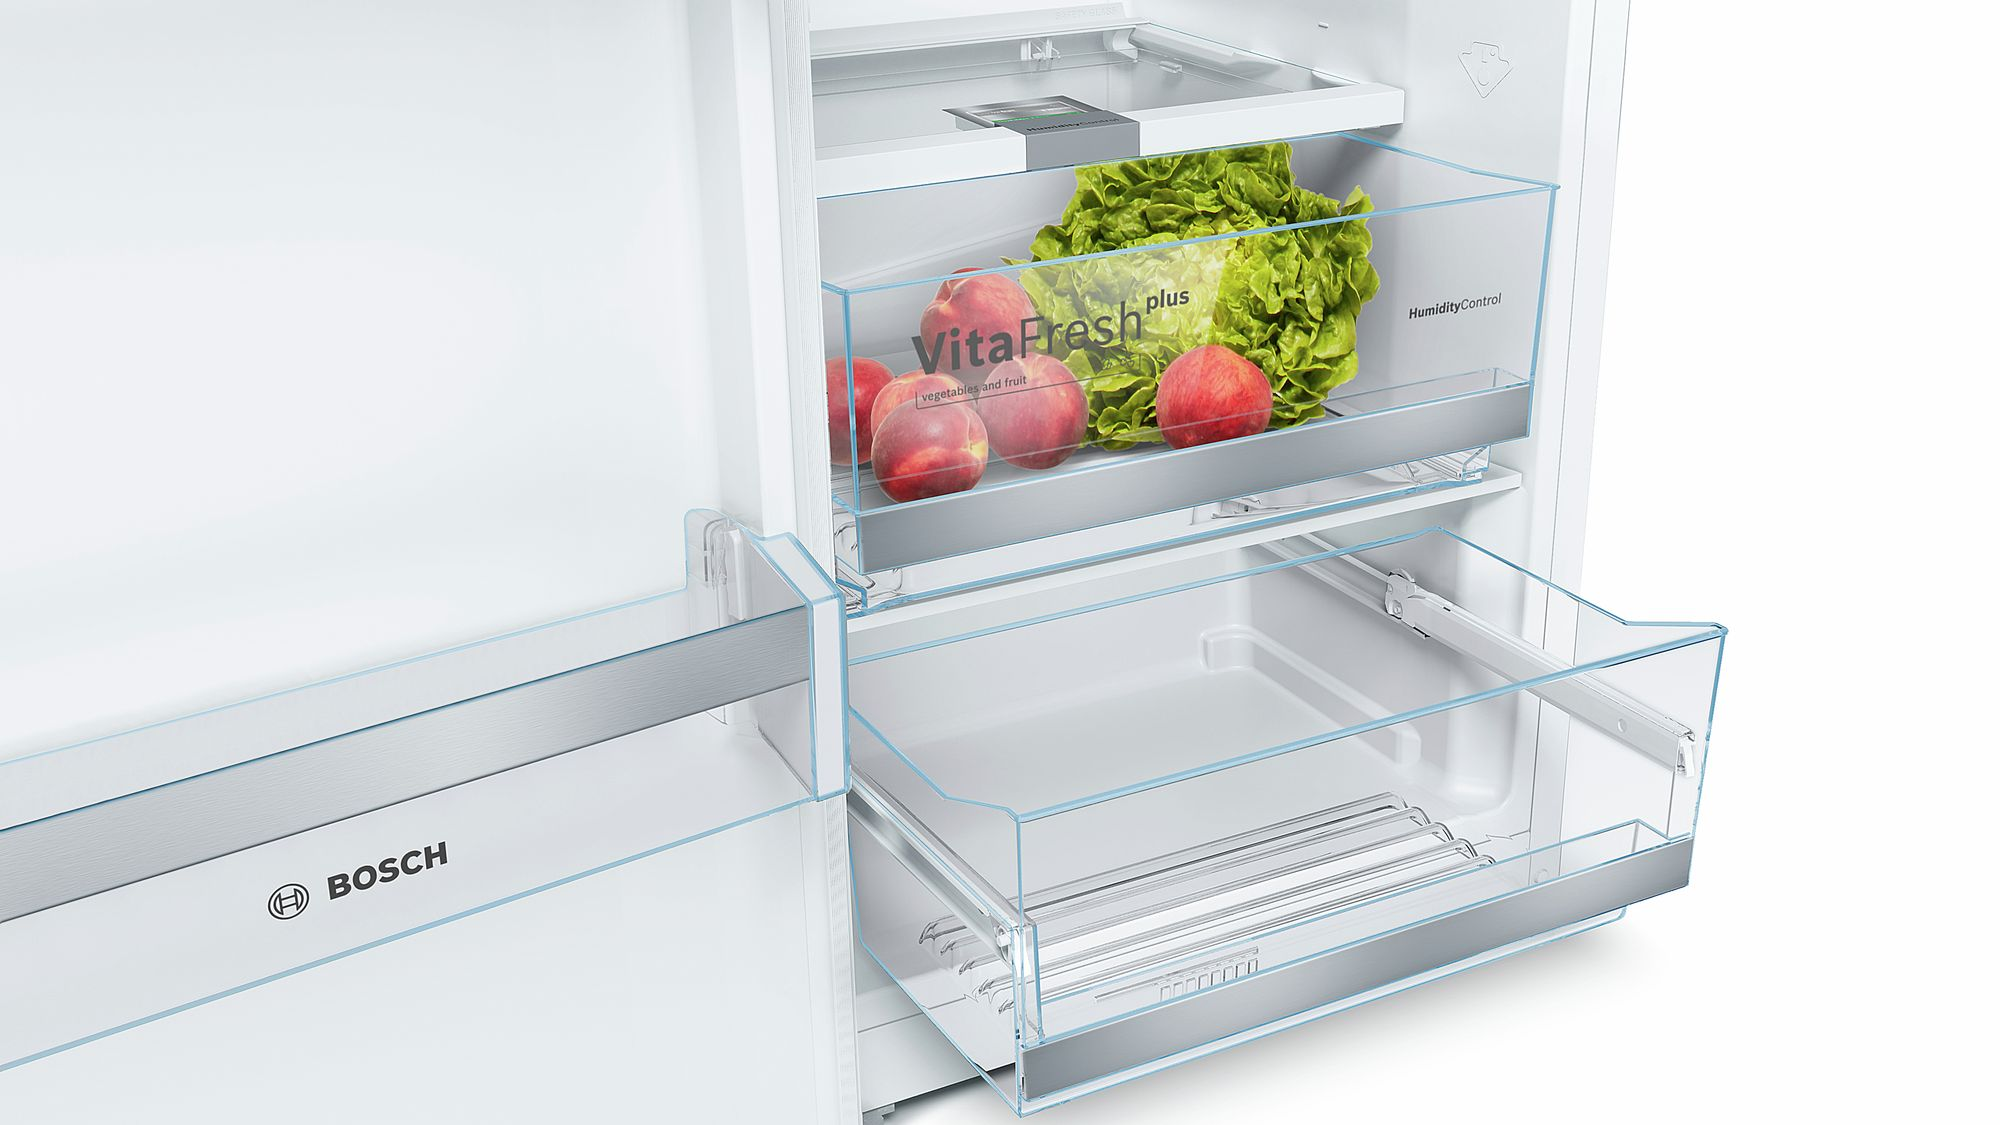 Bosch Kühlschrank Preise : Bosch stand kühlschrank weiß ksv aw p preisflix